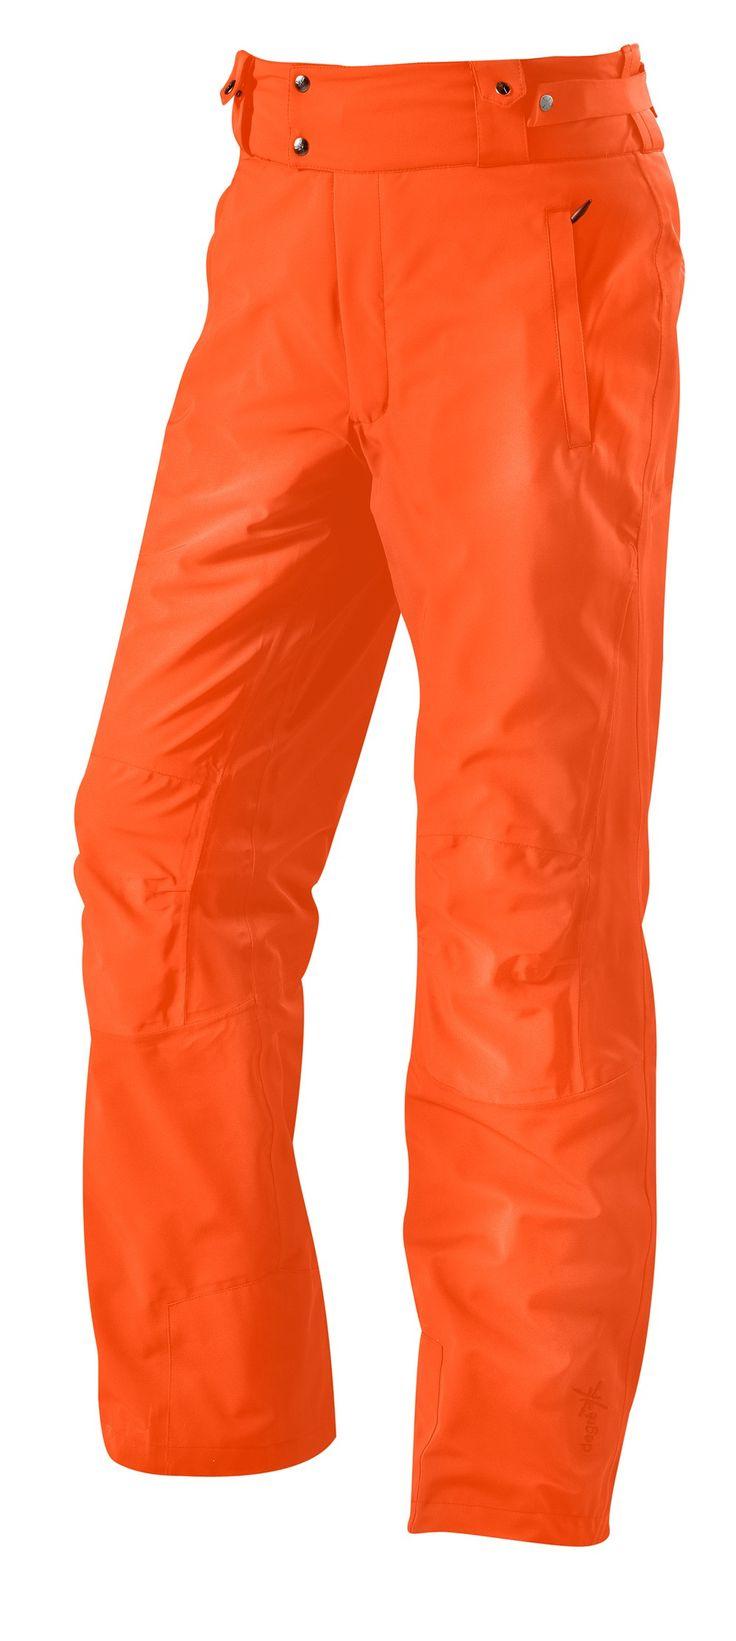 Pantalon de ski homme Slope Degré 7 orange néon